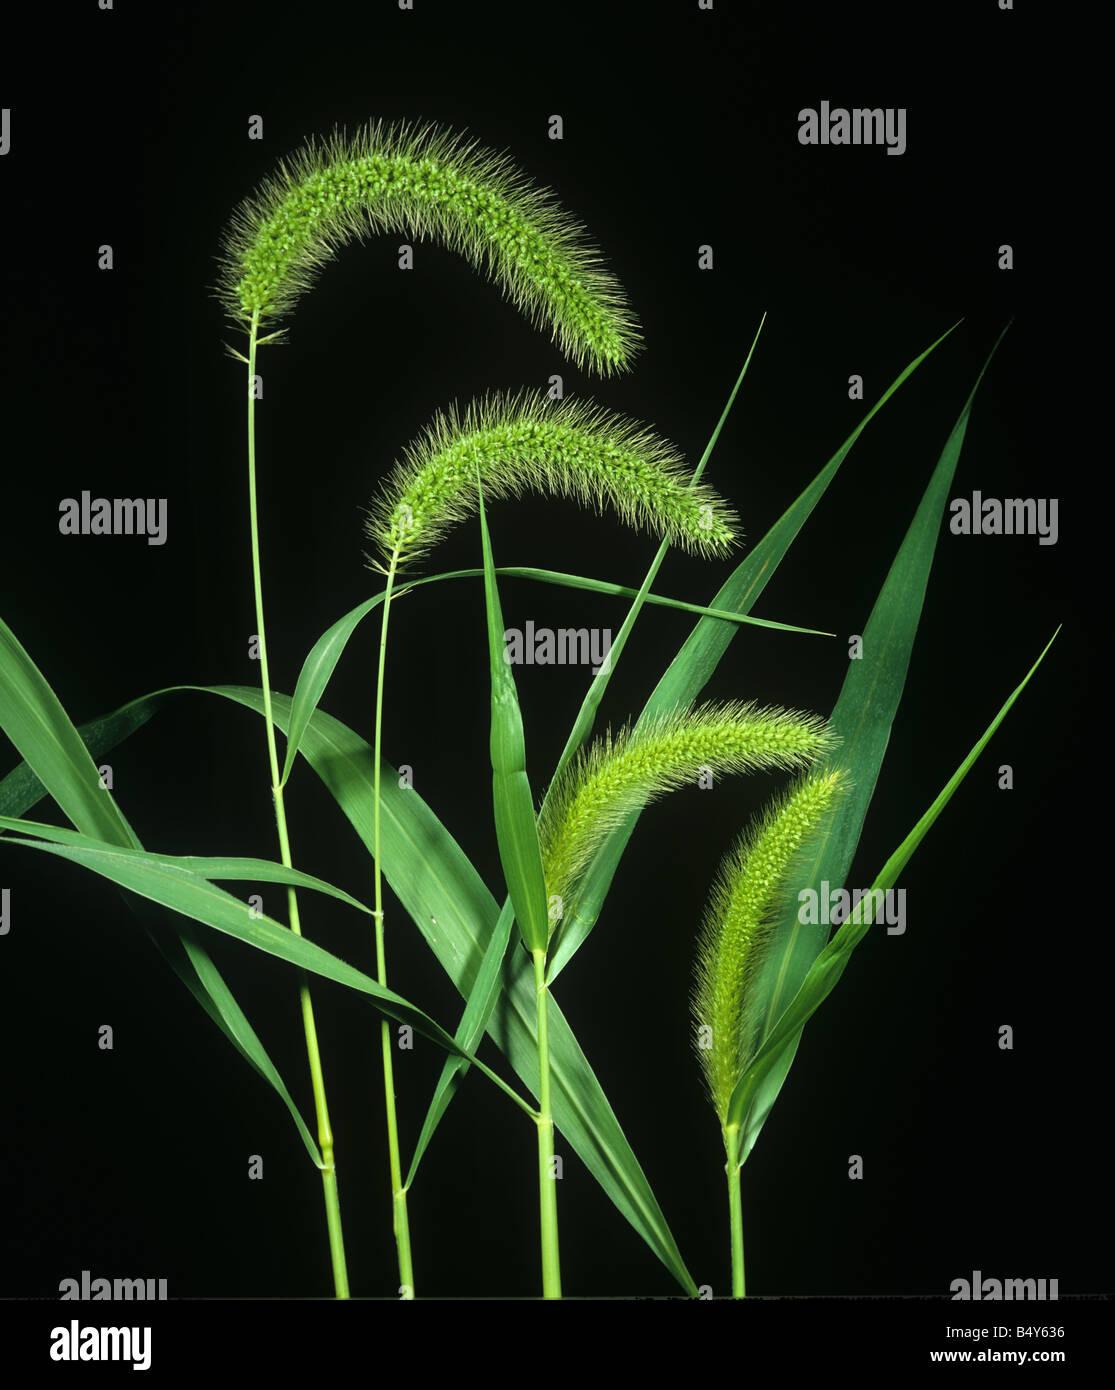 Coda di volpe gigante Setaria faberi picchi di fiori di erba infestante Immagini Stock